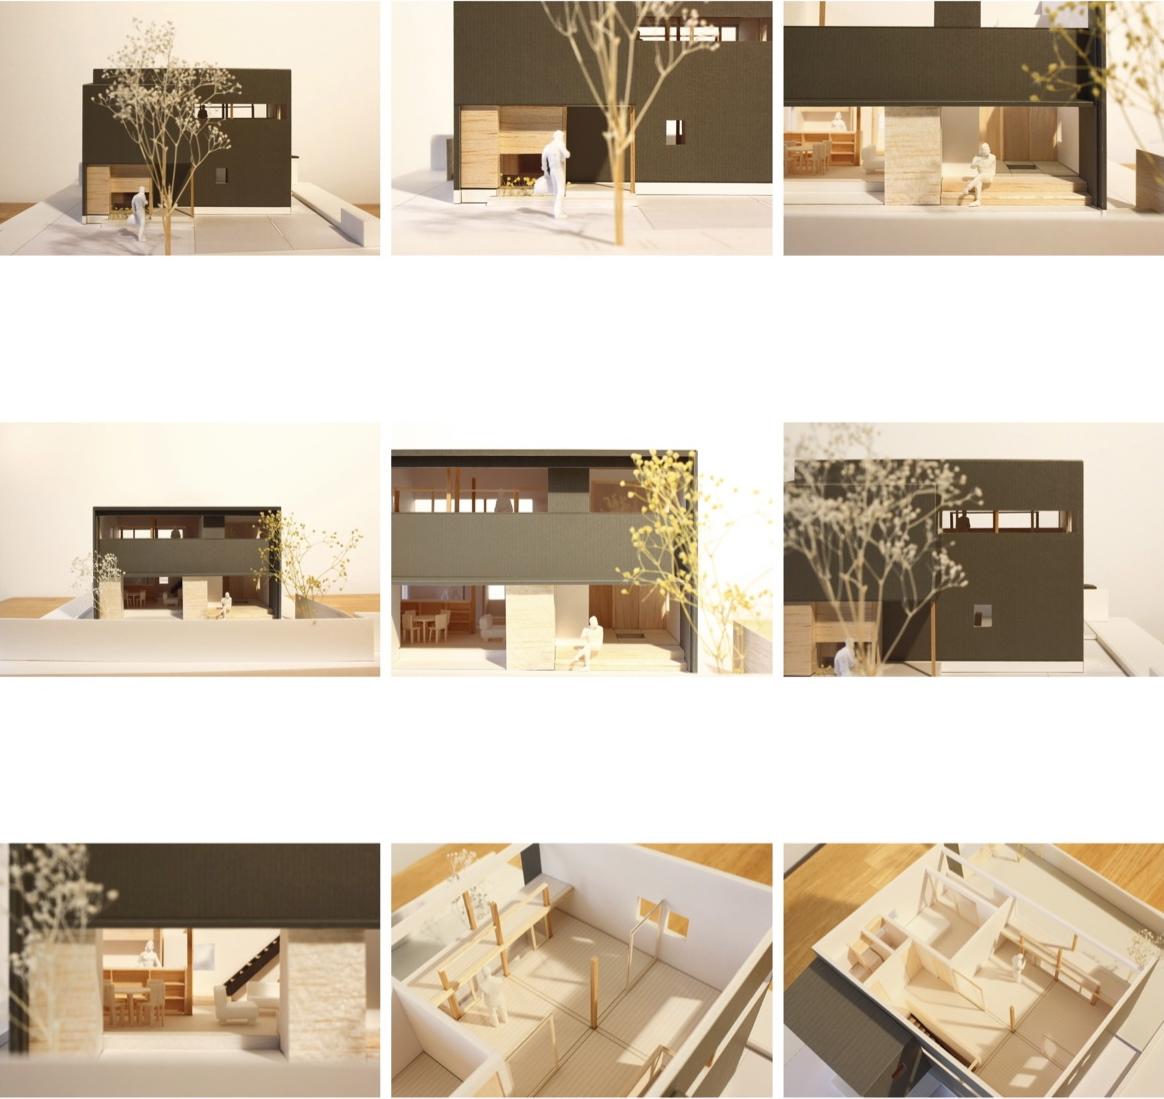 セミオーダーハウス A-Houseの基本設計がほぼ終了しました!!_f0165030_1664760.jpg